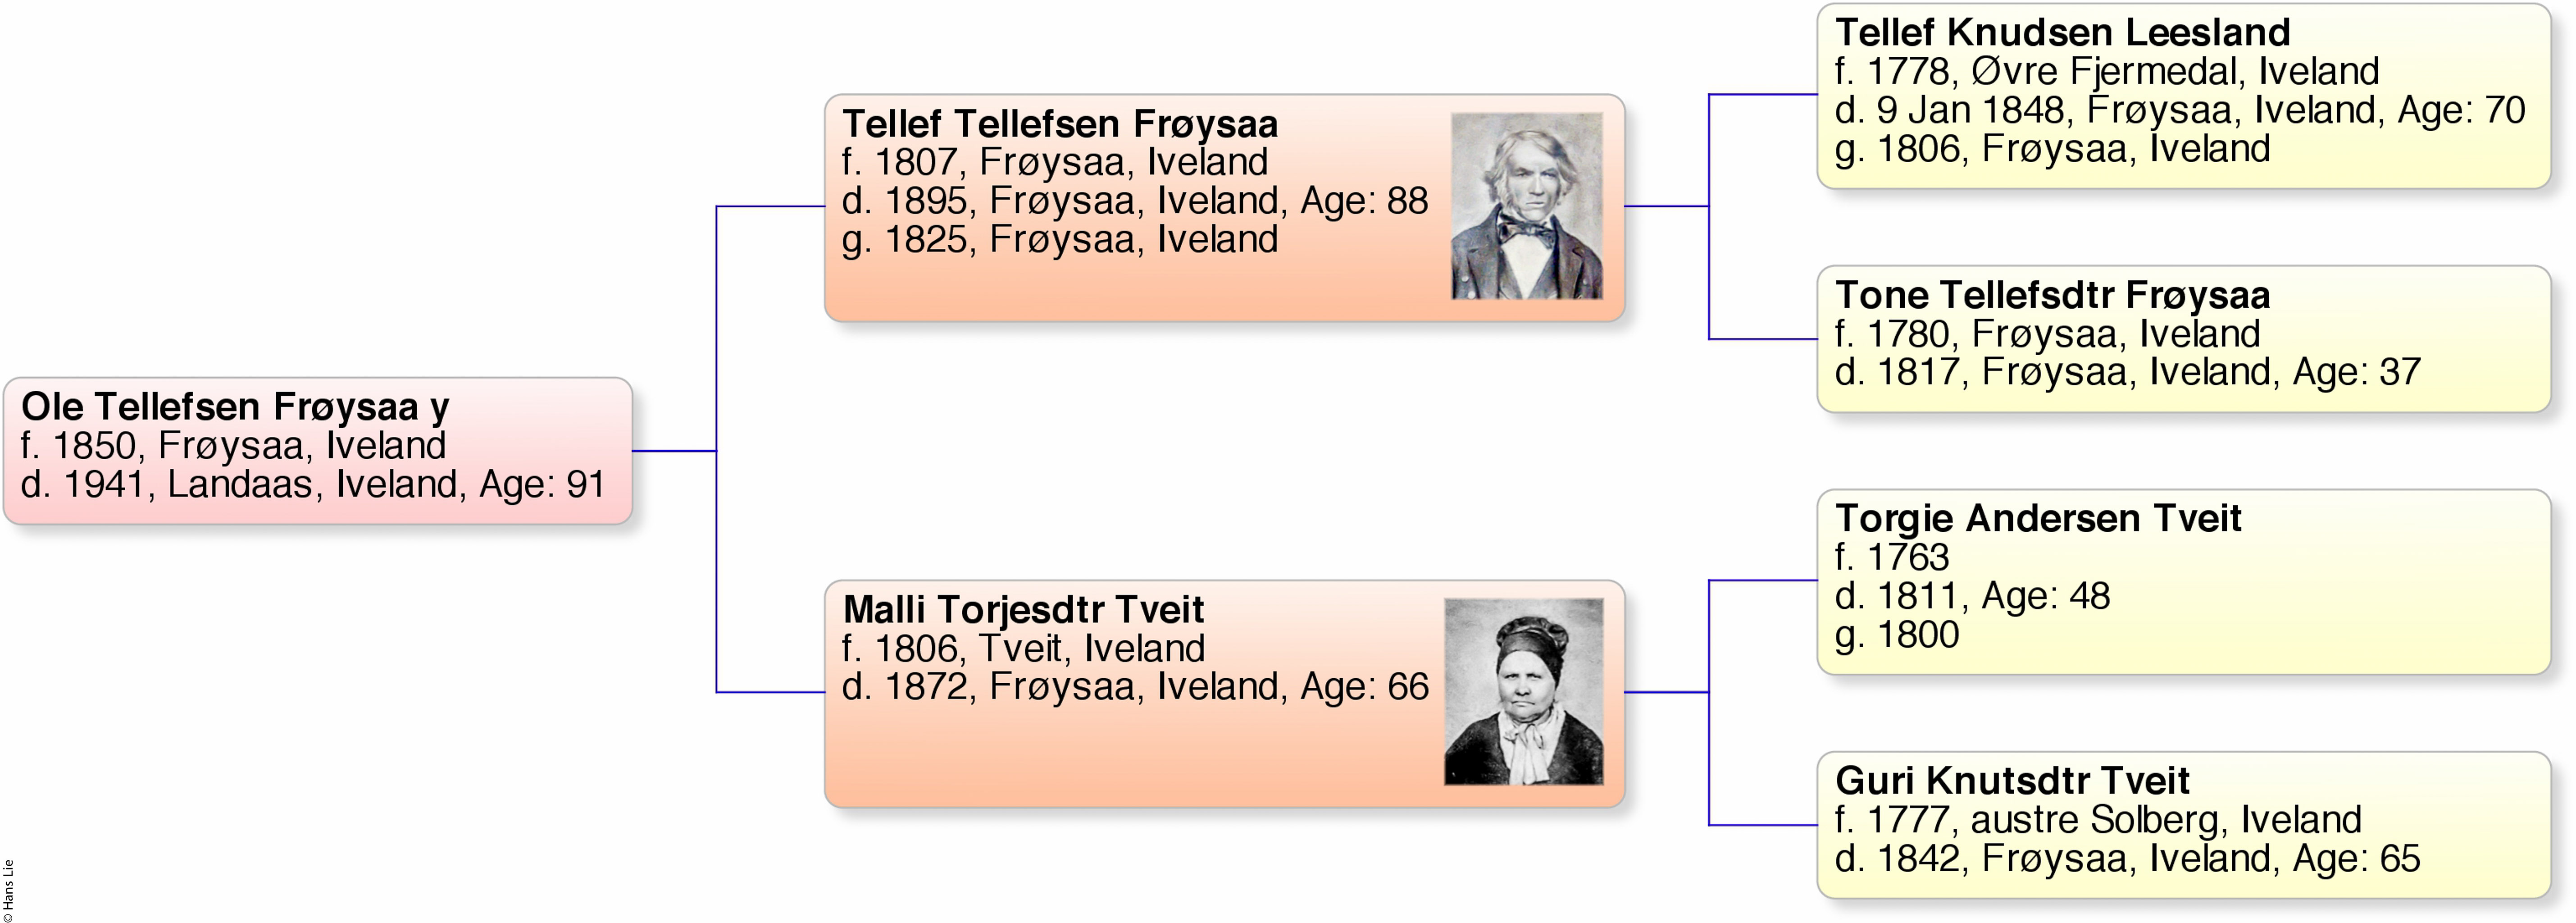 ole-tellefsen-froysaa-y